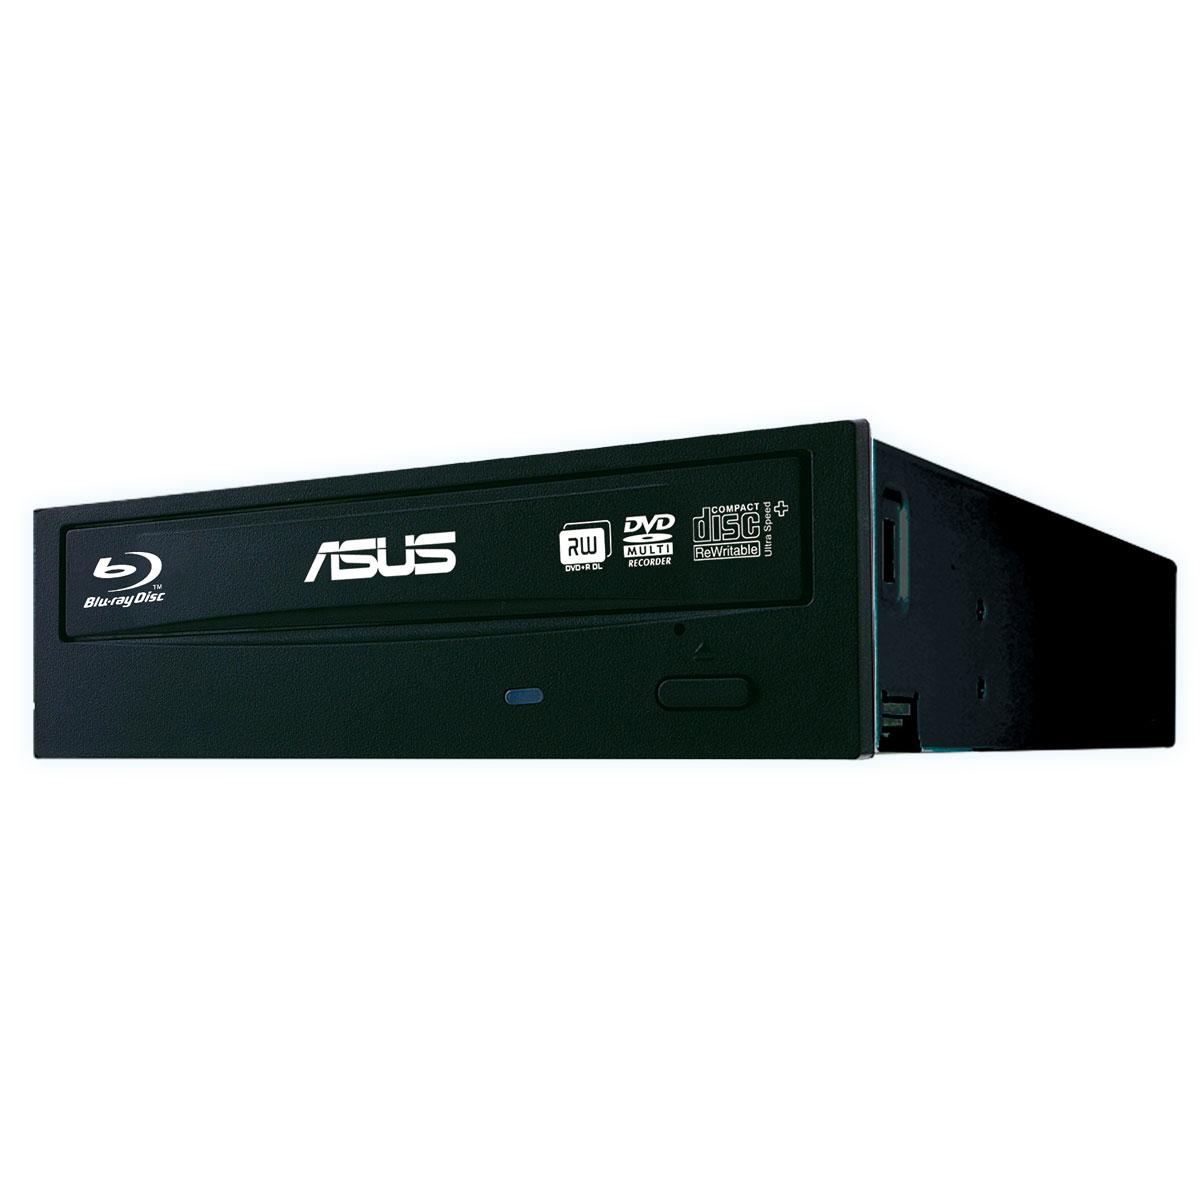 Lecteur graveur ASUS BC-12D2HT Noir Lecteur Blu-ray / Graveur DVD - BD-R/RE 12/8x DL(BD-R/RE) 8/6x DVD(+/-)RW/RAM 8/6/5 DL(+/-) 8/8x CD-RW 24x Serial ATA compatible M-Disc